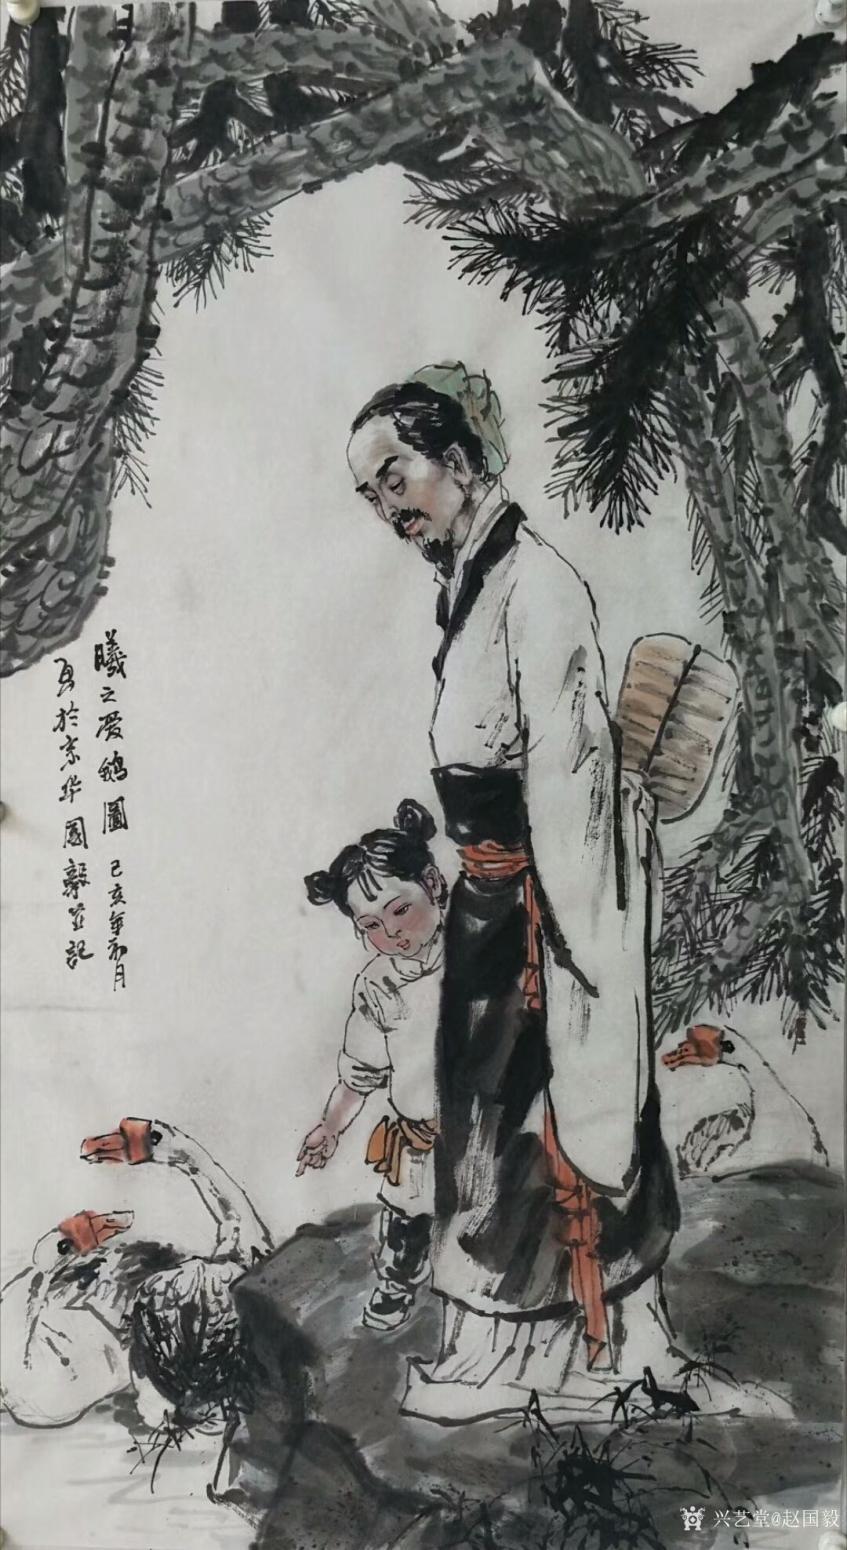 赵国毅国画作品《人物画—羲之爱鹅图》【图0】